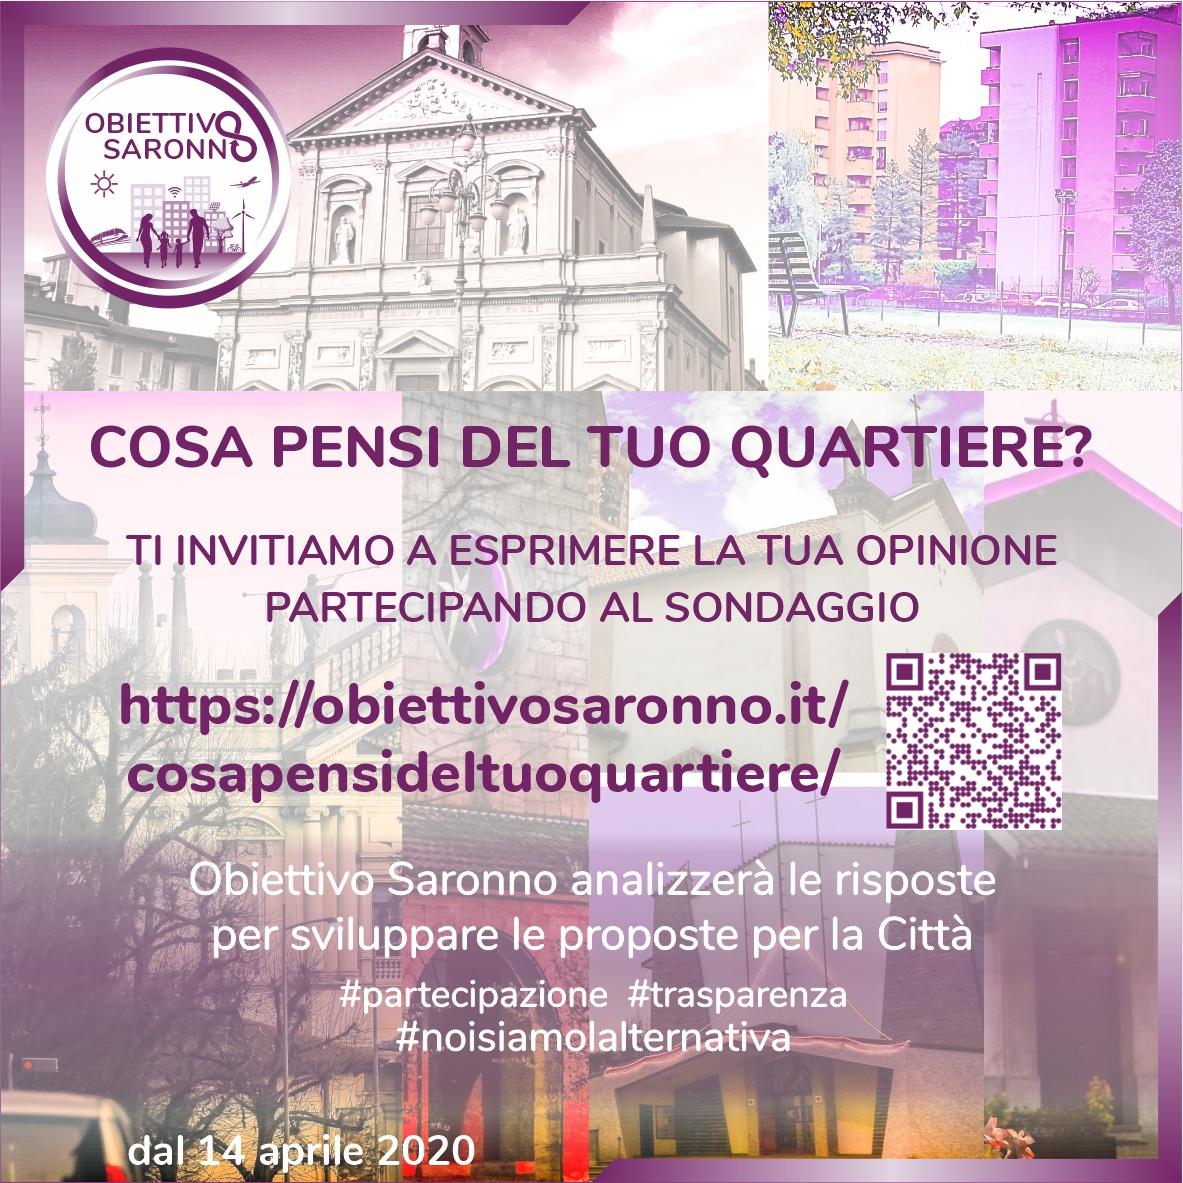 Online il sondaggio per raccogliere dai cittadini idee e proposte sulla città